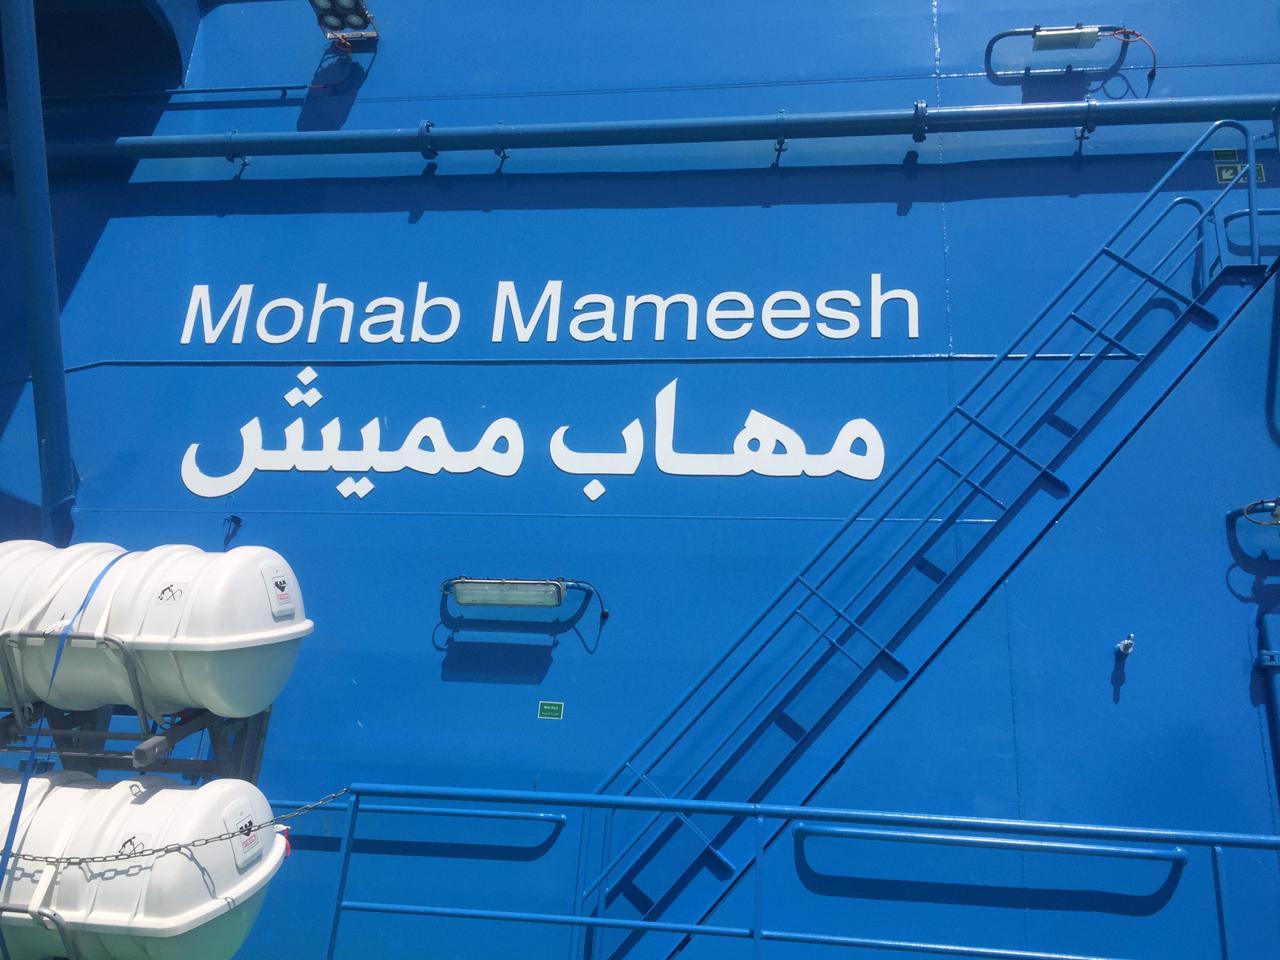 الكراكة مهاب مميش (1)